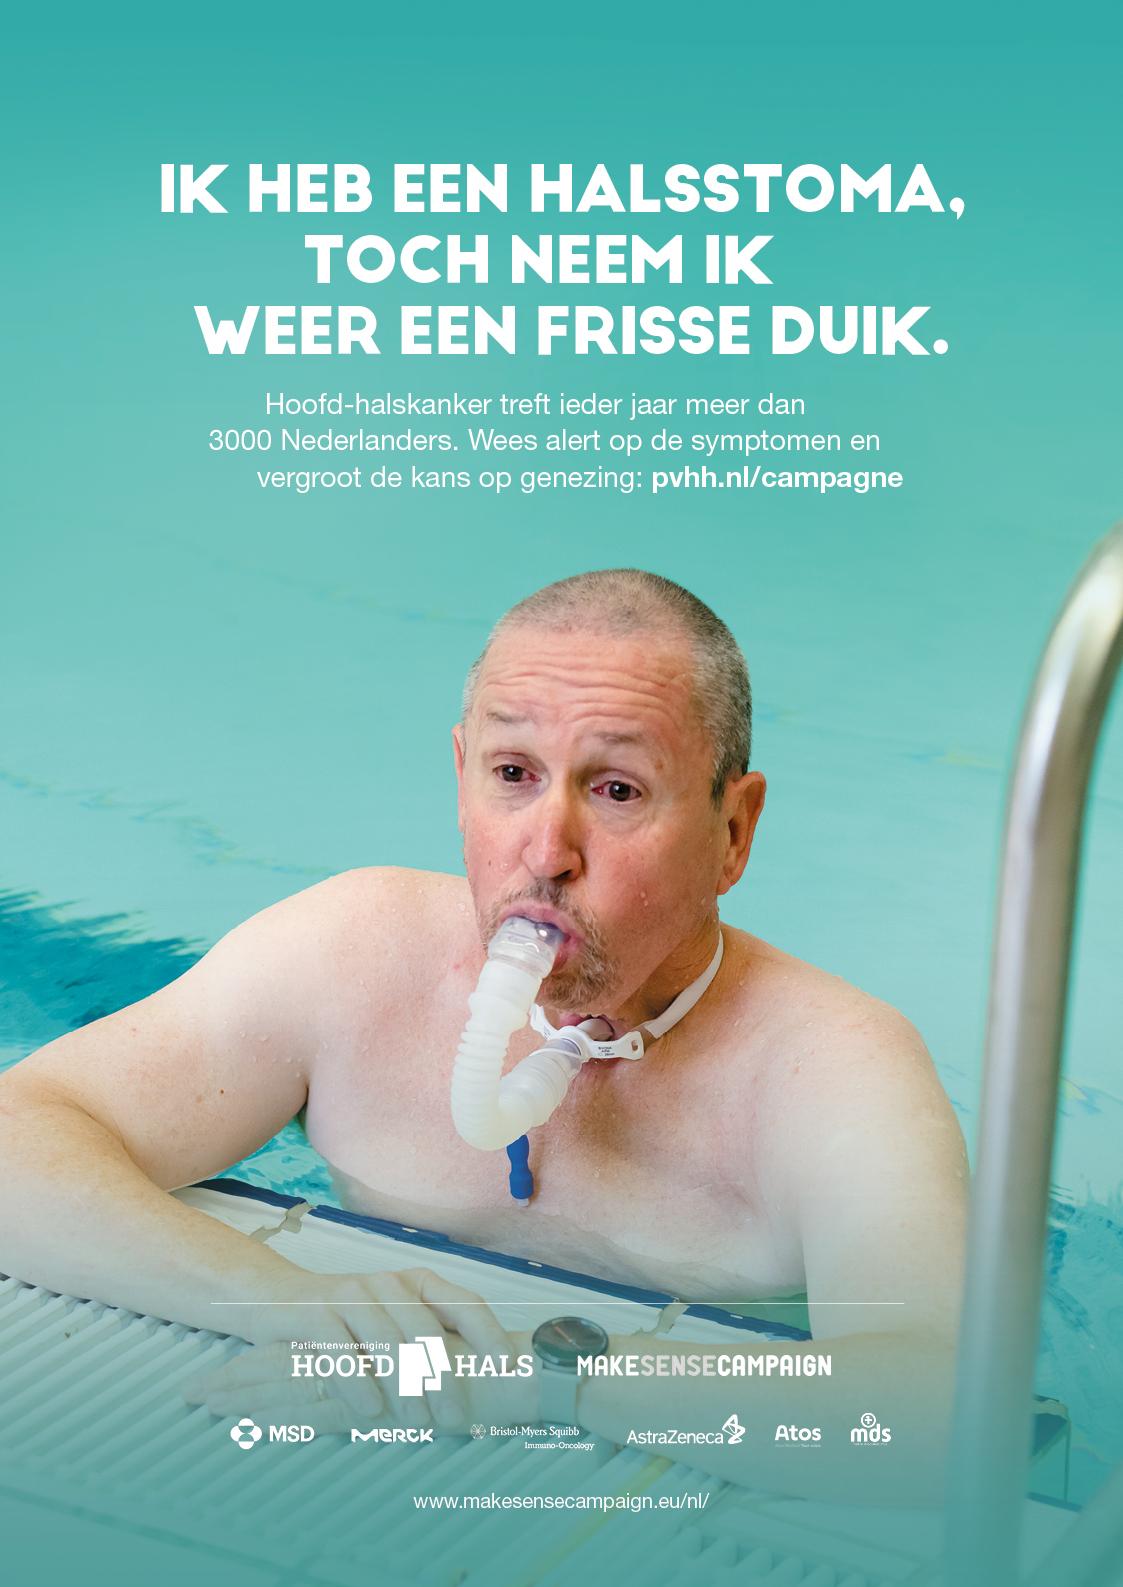 Willem in het zwembad